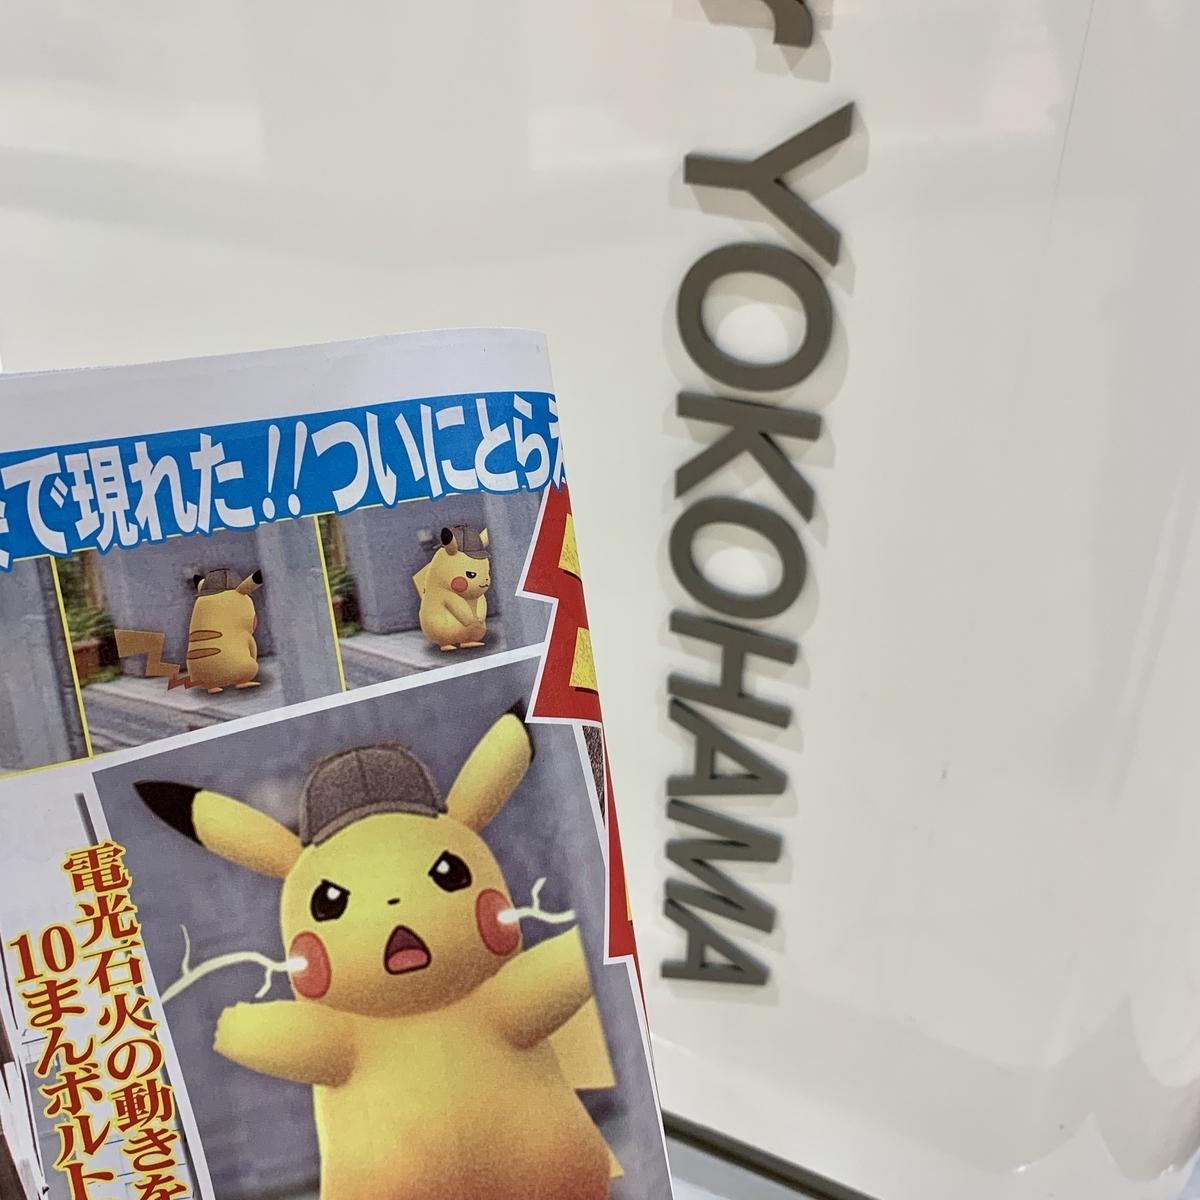 f:id:pikachu_pcn:20190511194009j:plain